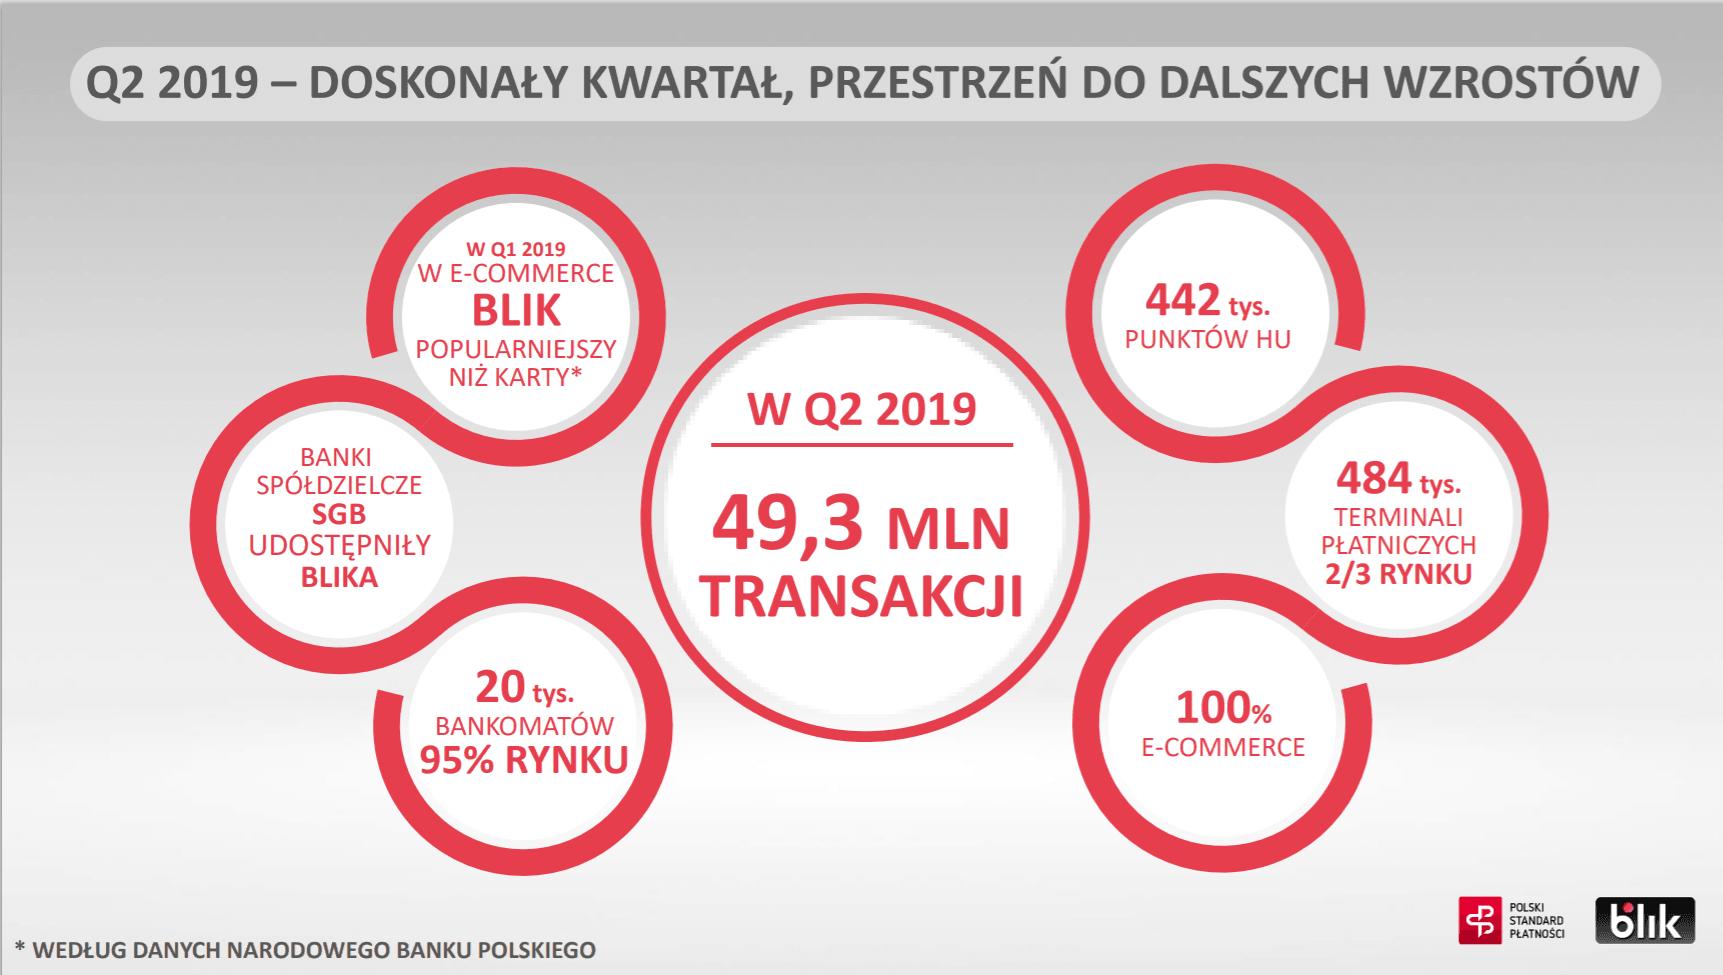 BLIK bije kolejne rekordy: 89 milionów transakcji w pierwszej połowie 2019 r. 24